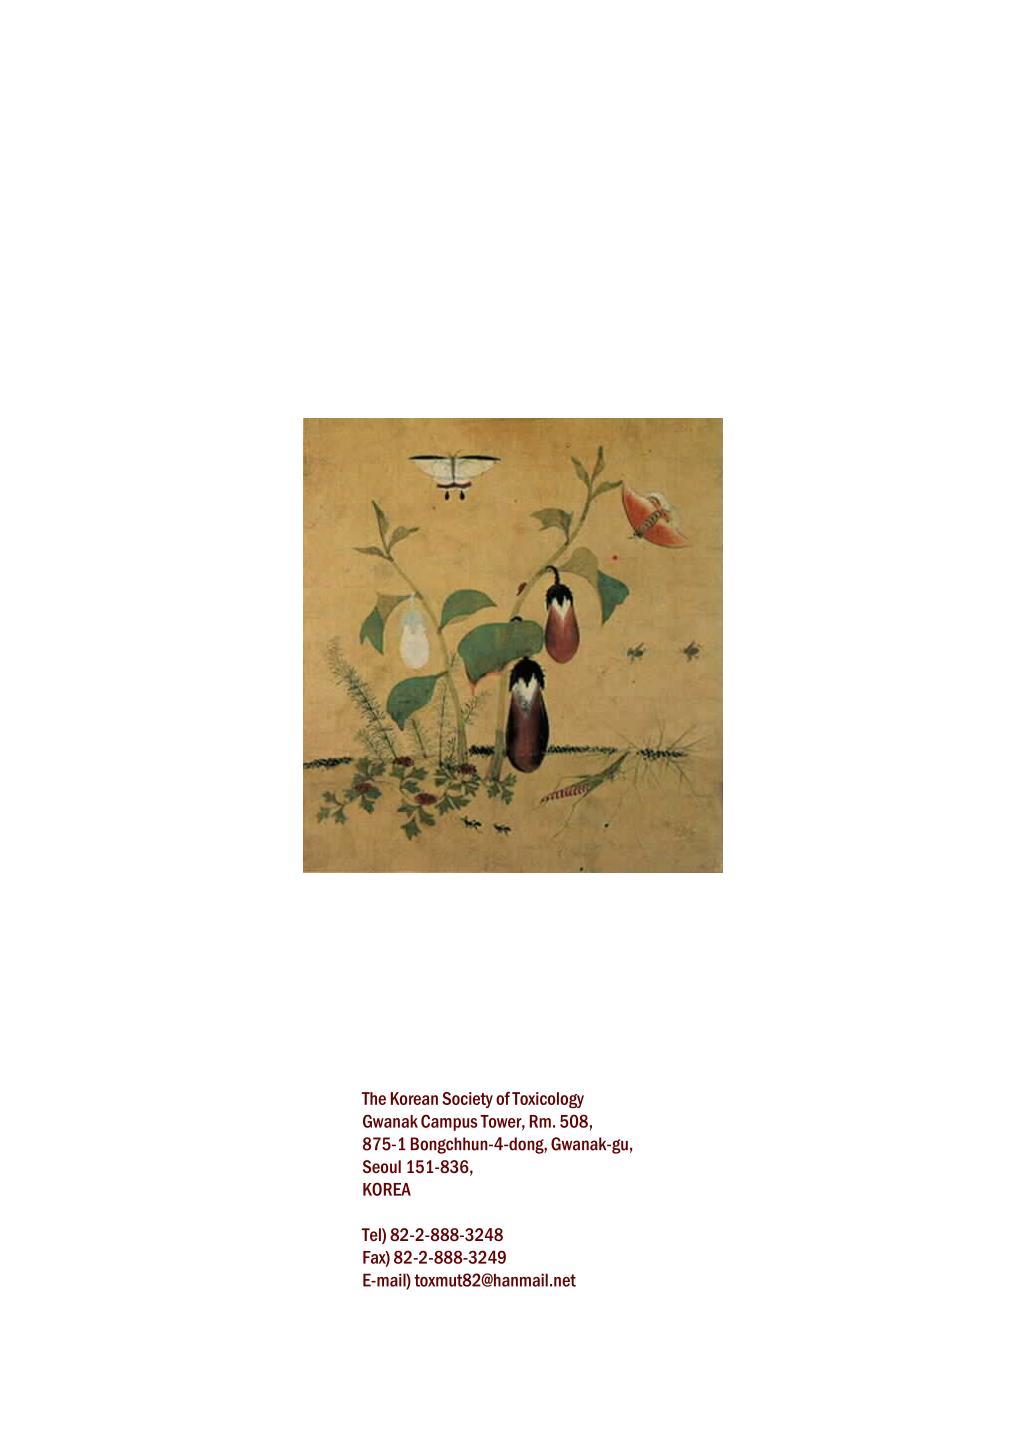 The Korean Society of Toxicology